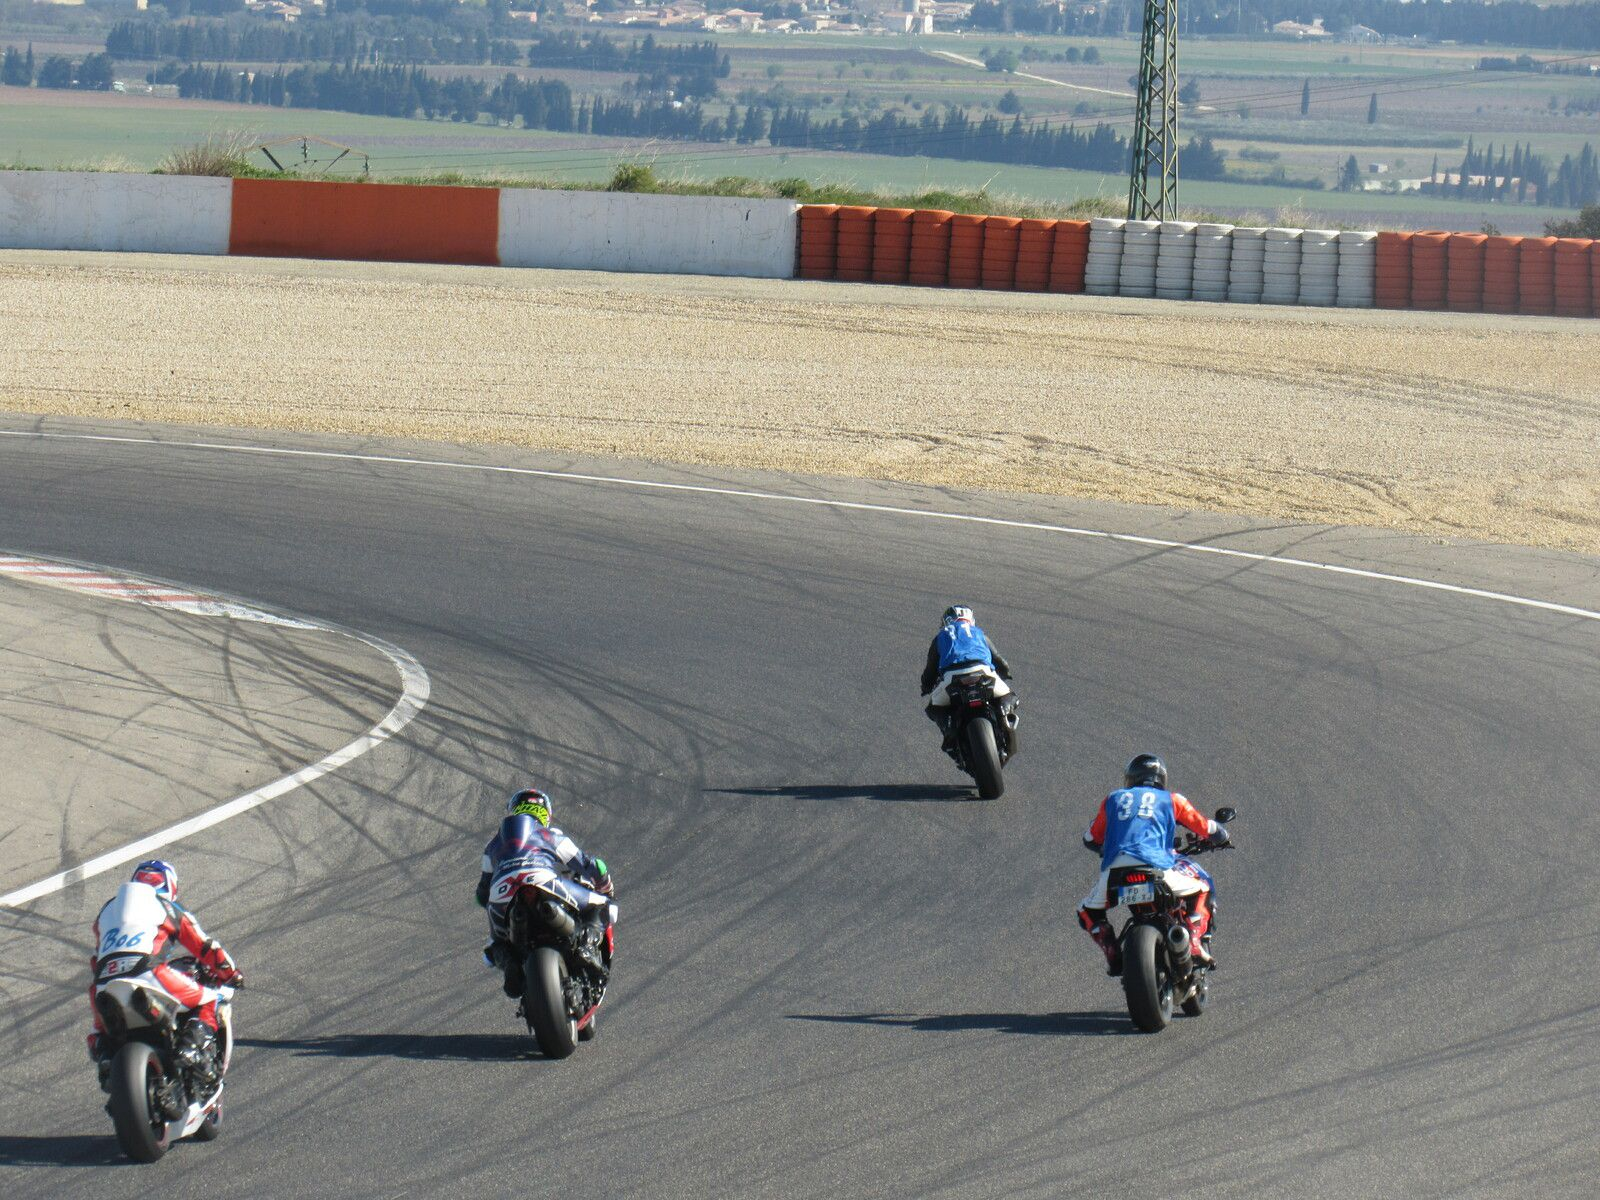 2nd journée et dernière pour moi au circuit de L2N pour roulages privés motos avec 4G